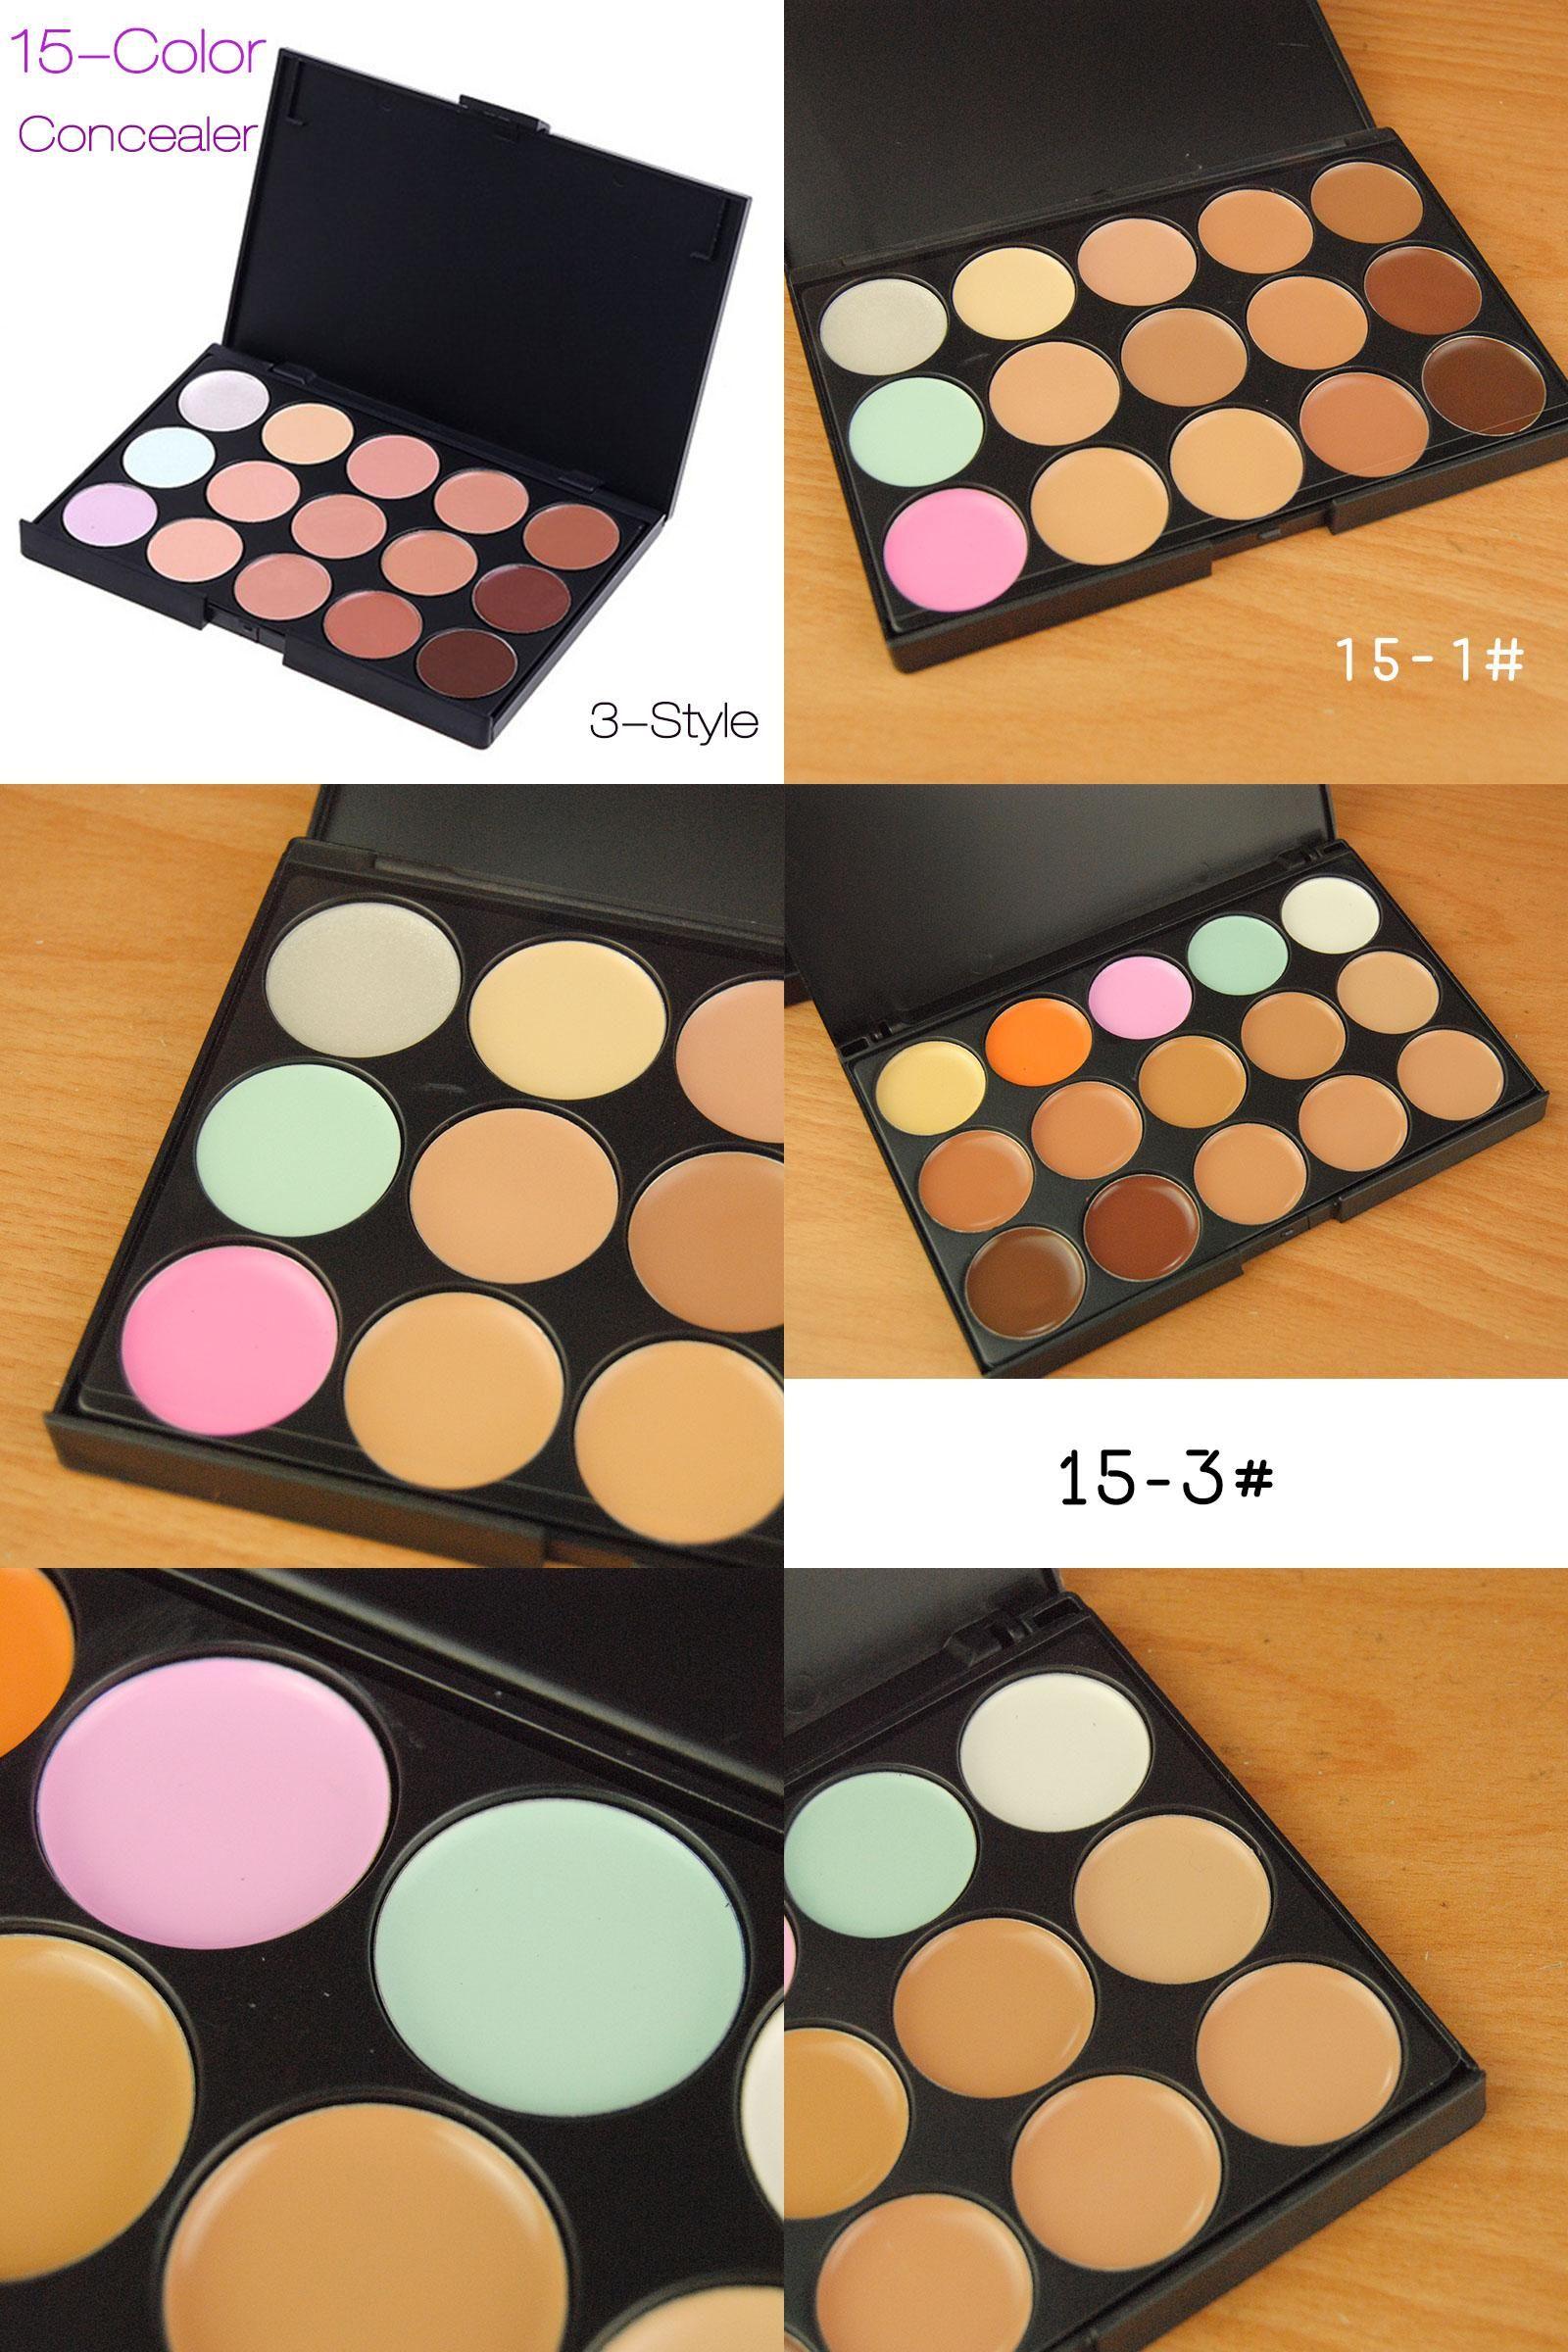 [Visit to Buy] New Makeup Concealer Palette 15 Color